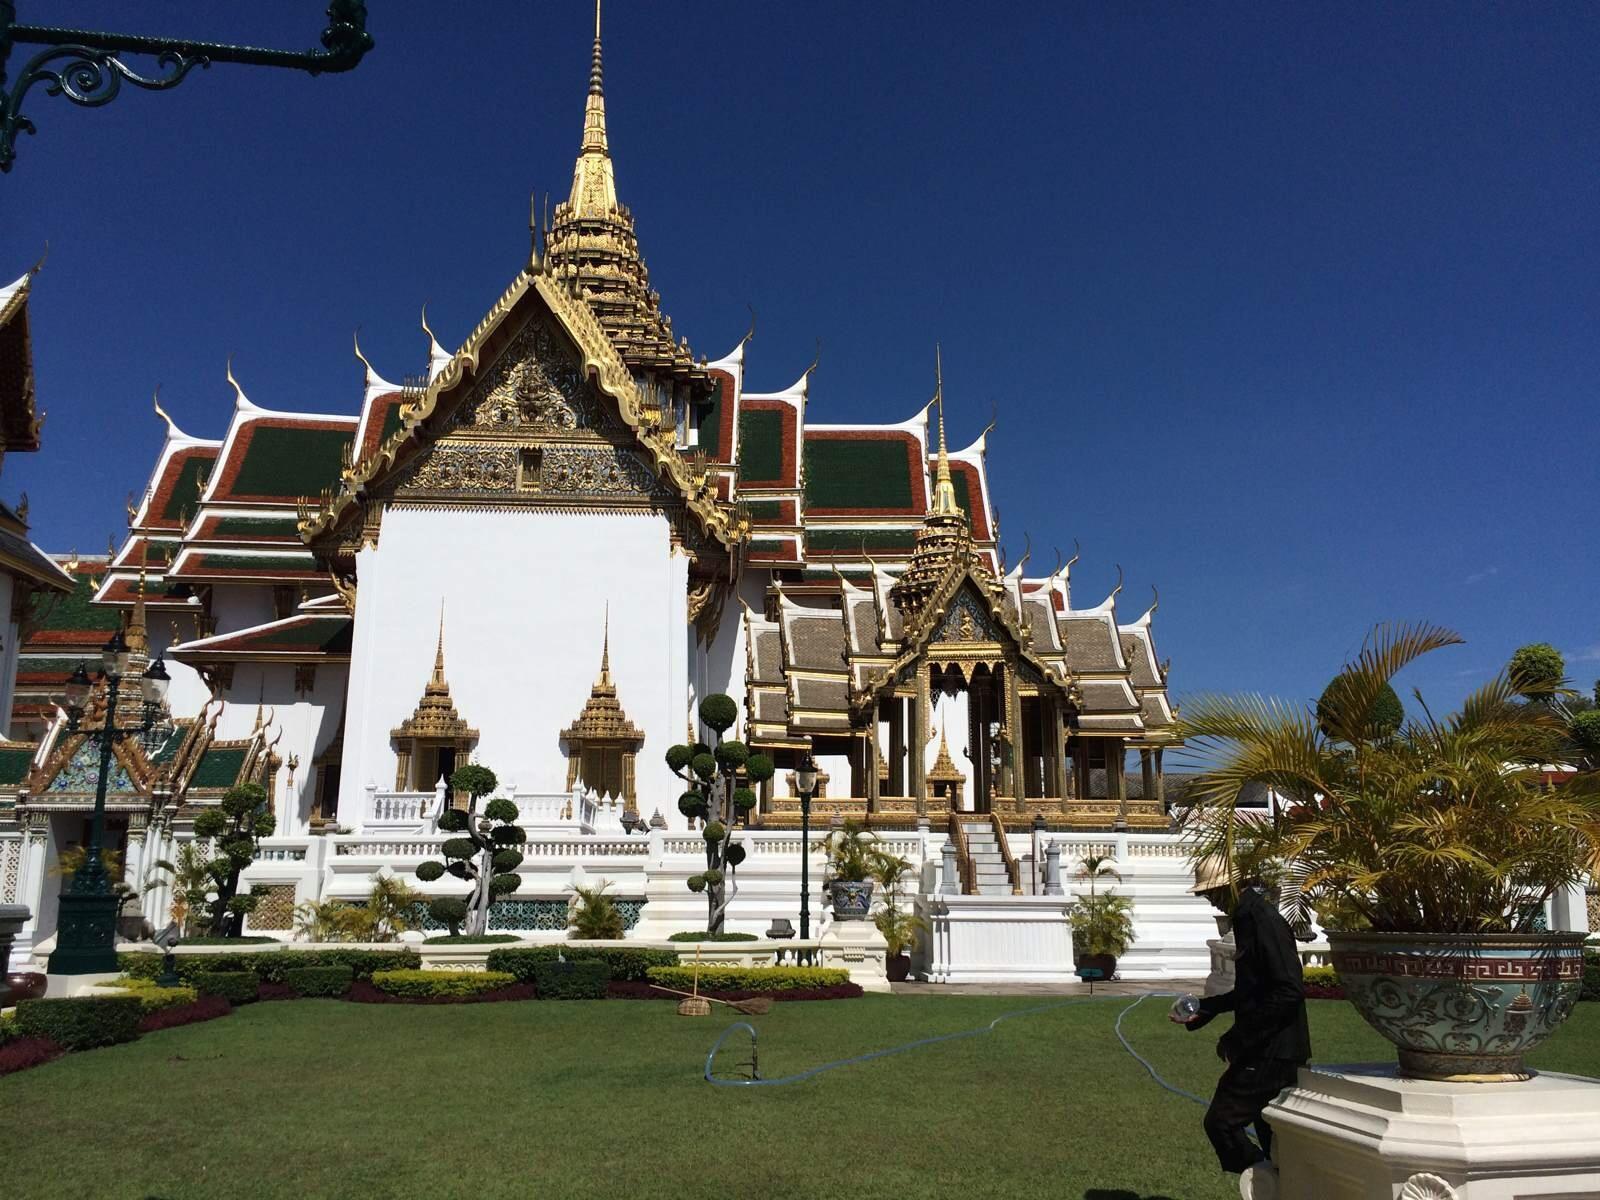 去泰国旅游,你可以租妻,但千万别做这些事!不穿内裤出门也违法?